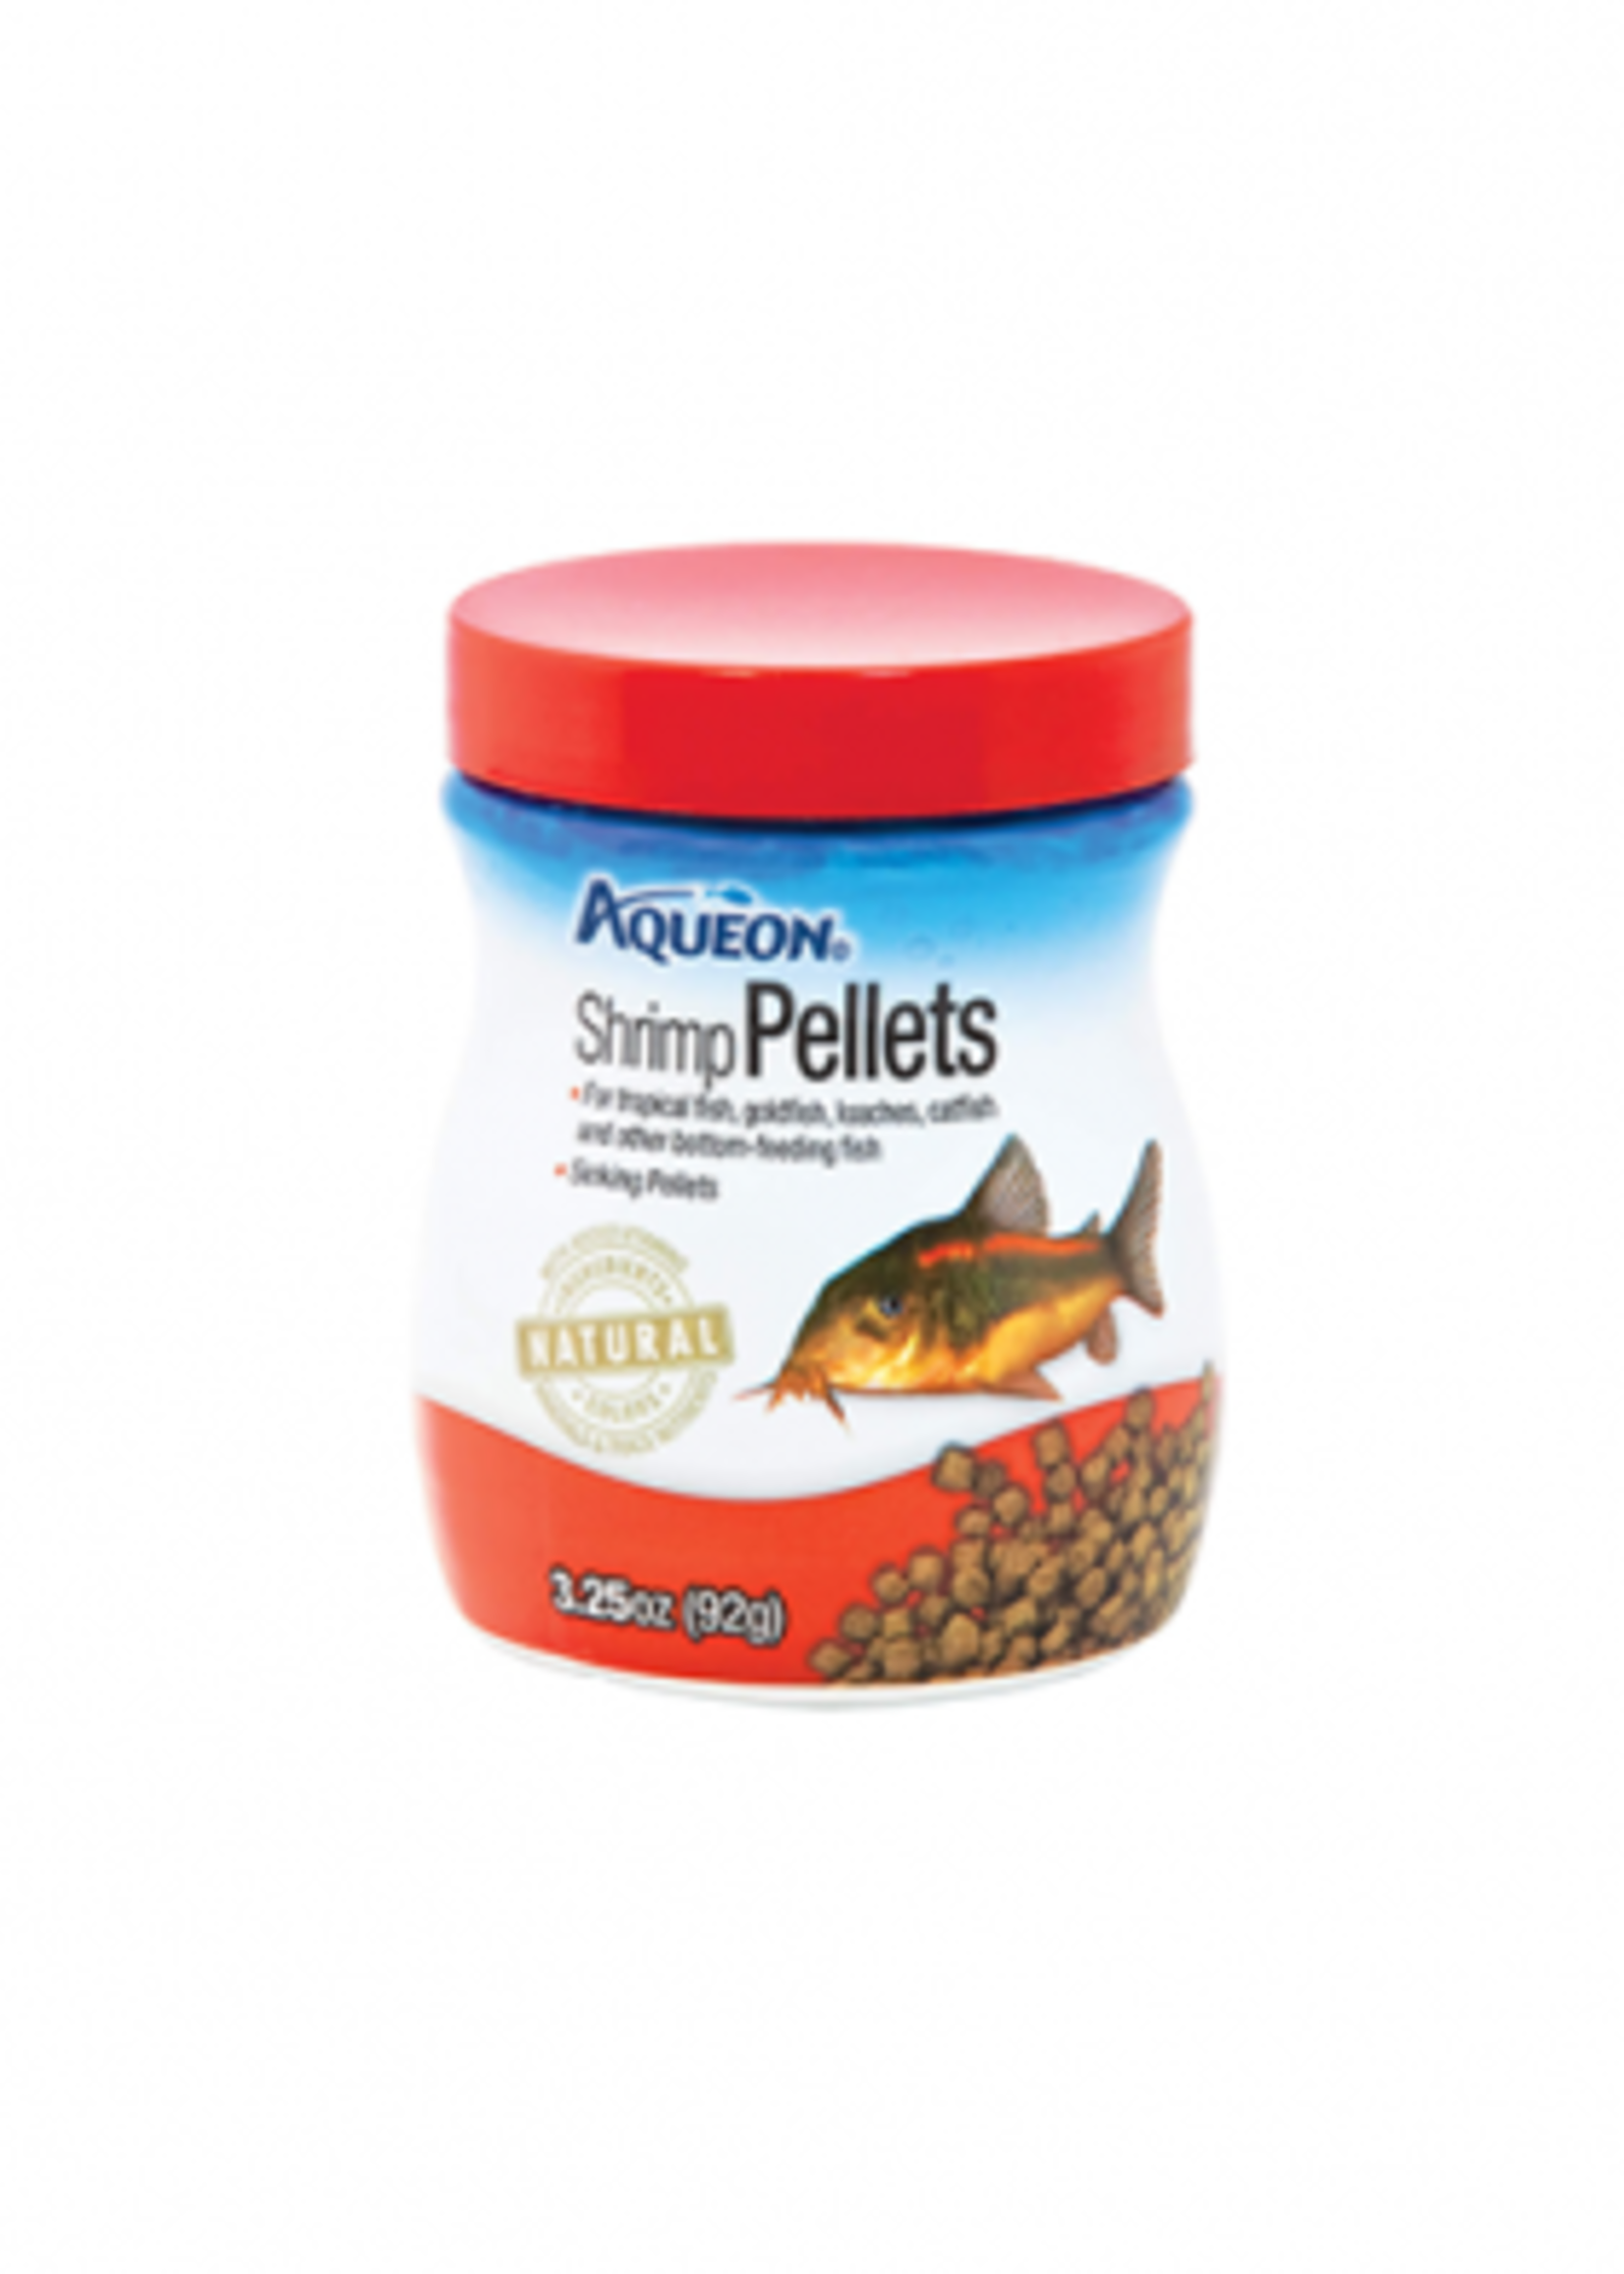 Aqueon® Aqueon® Shrimp Pellets 3.25oz